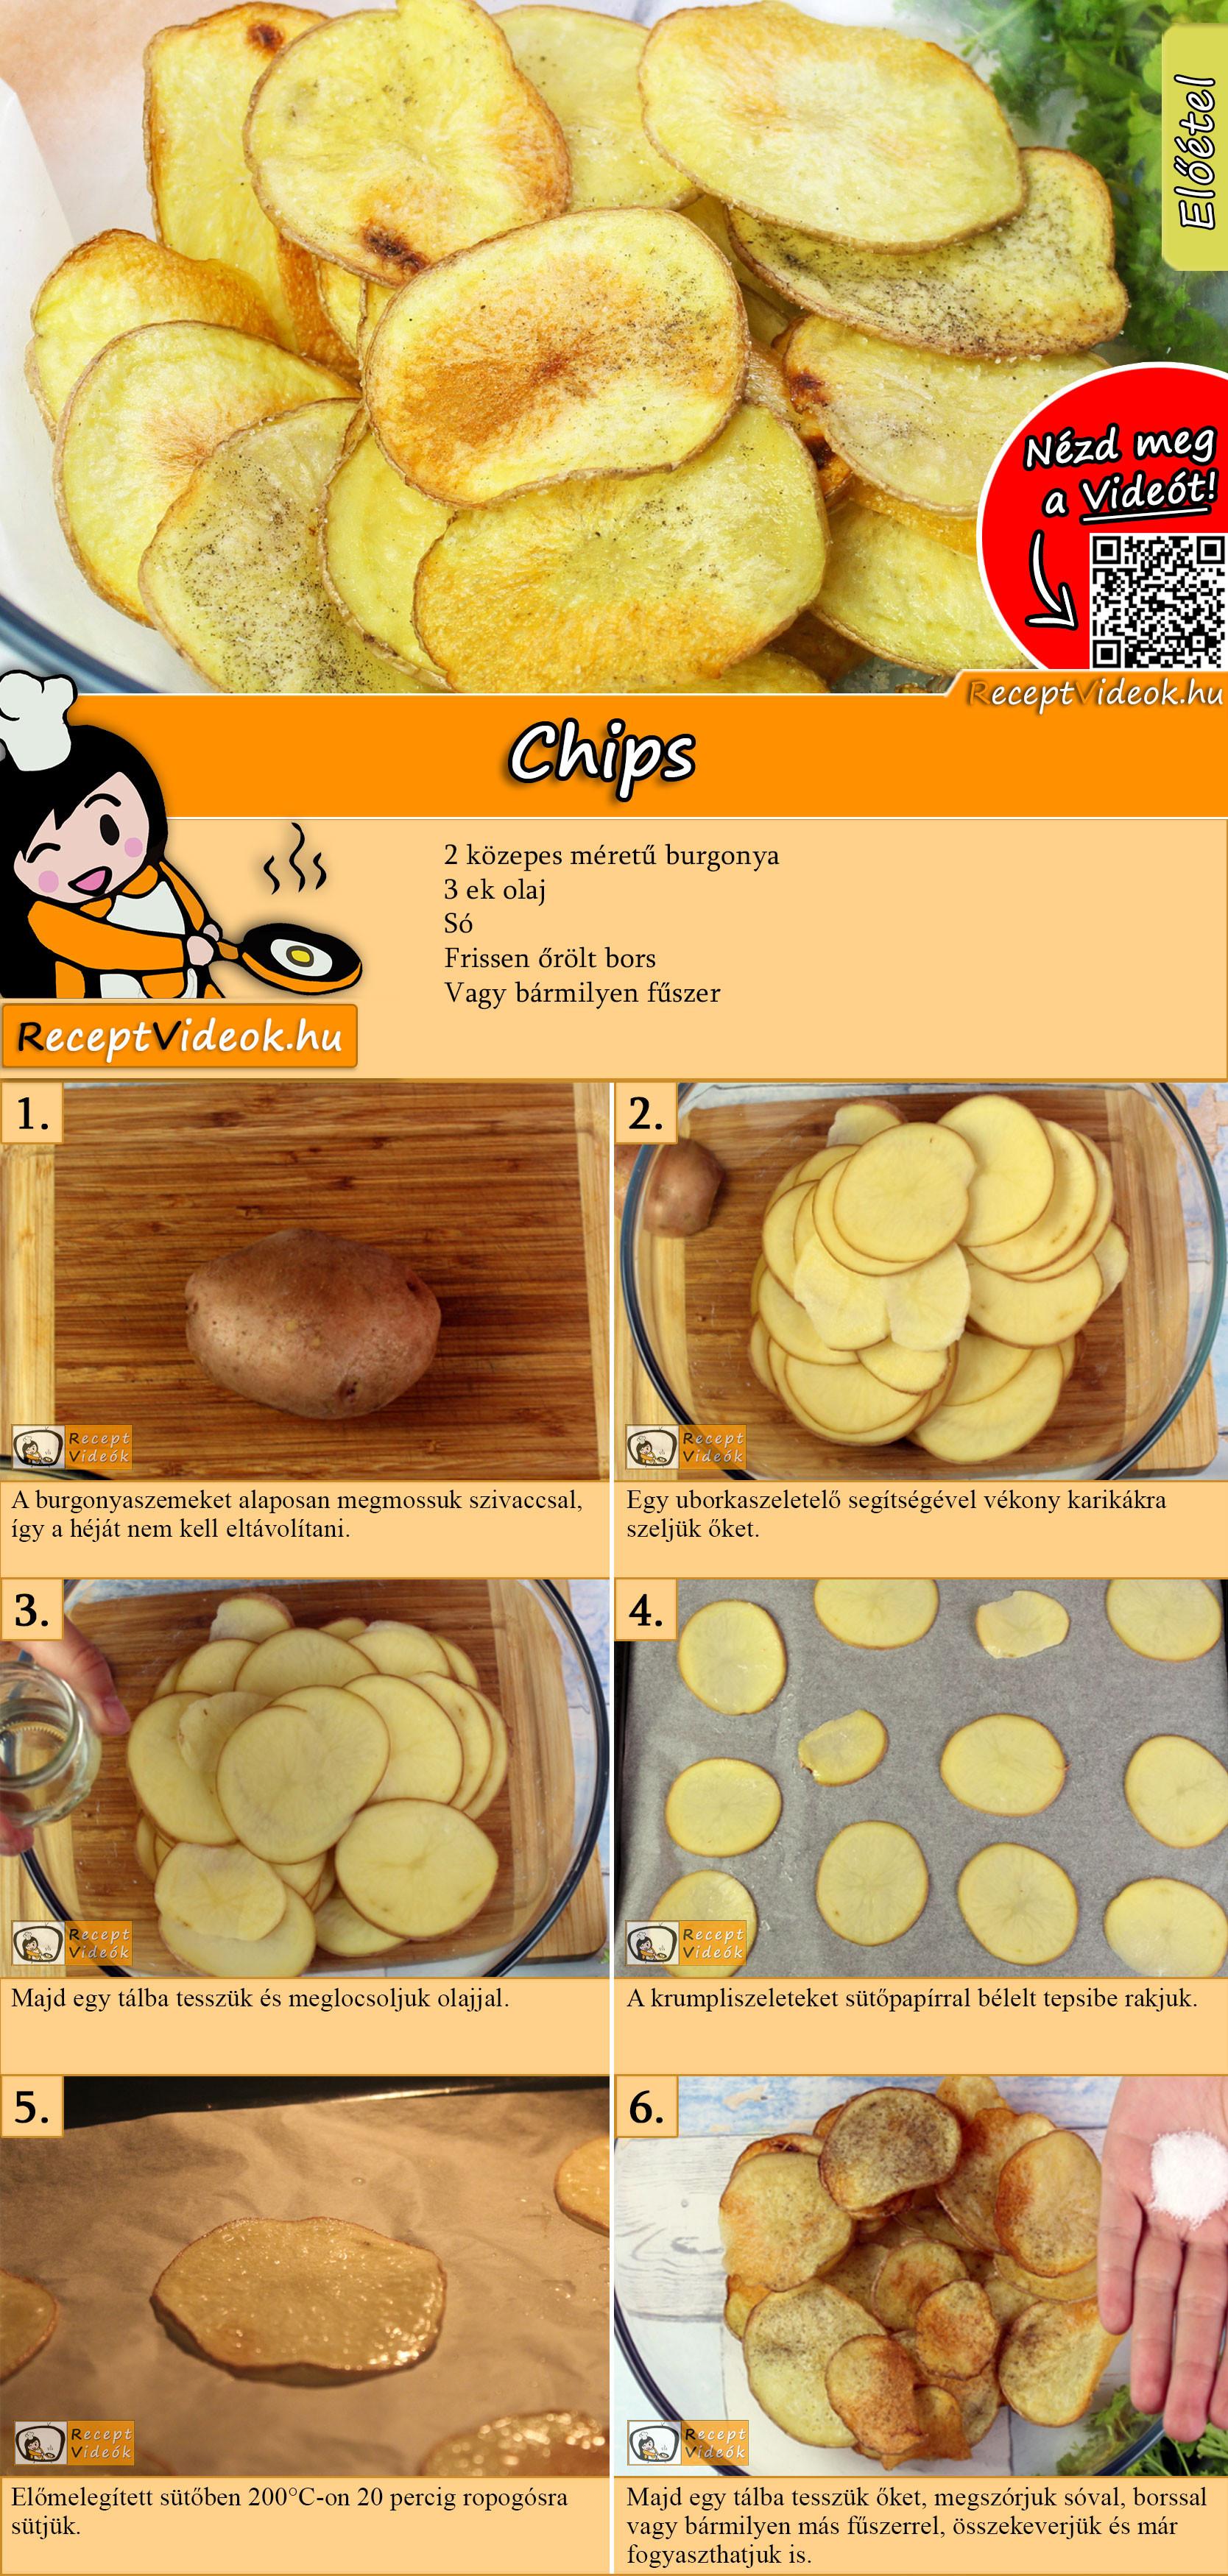 Chips recept elkészítése videóval